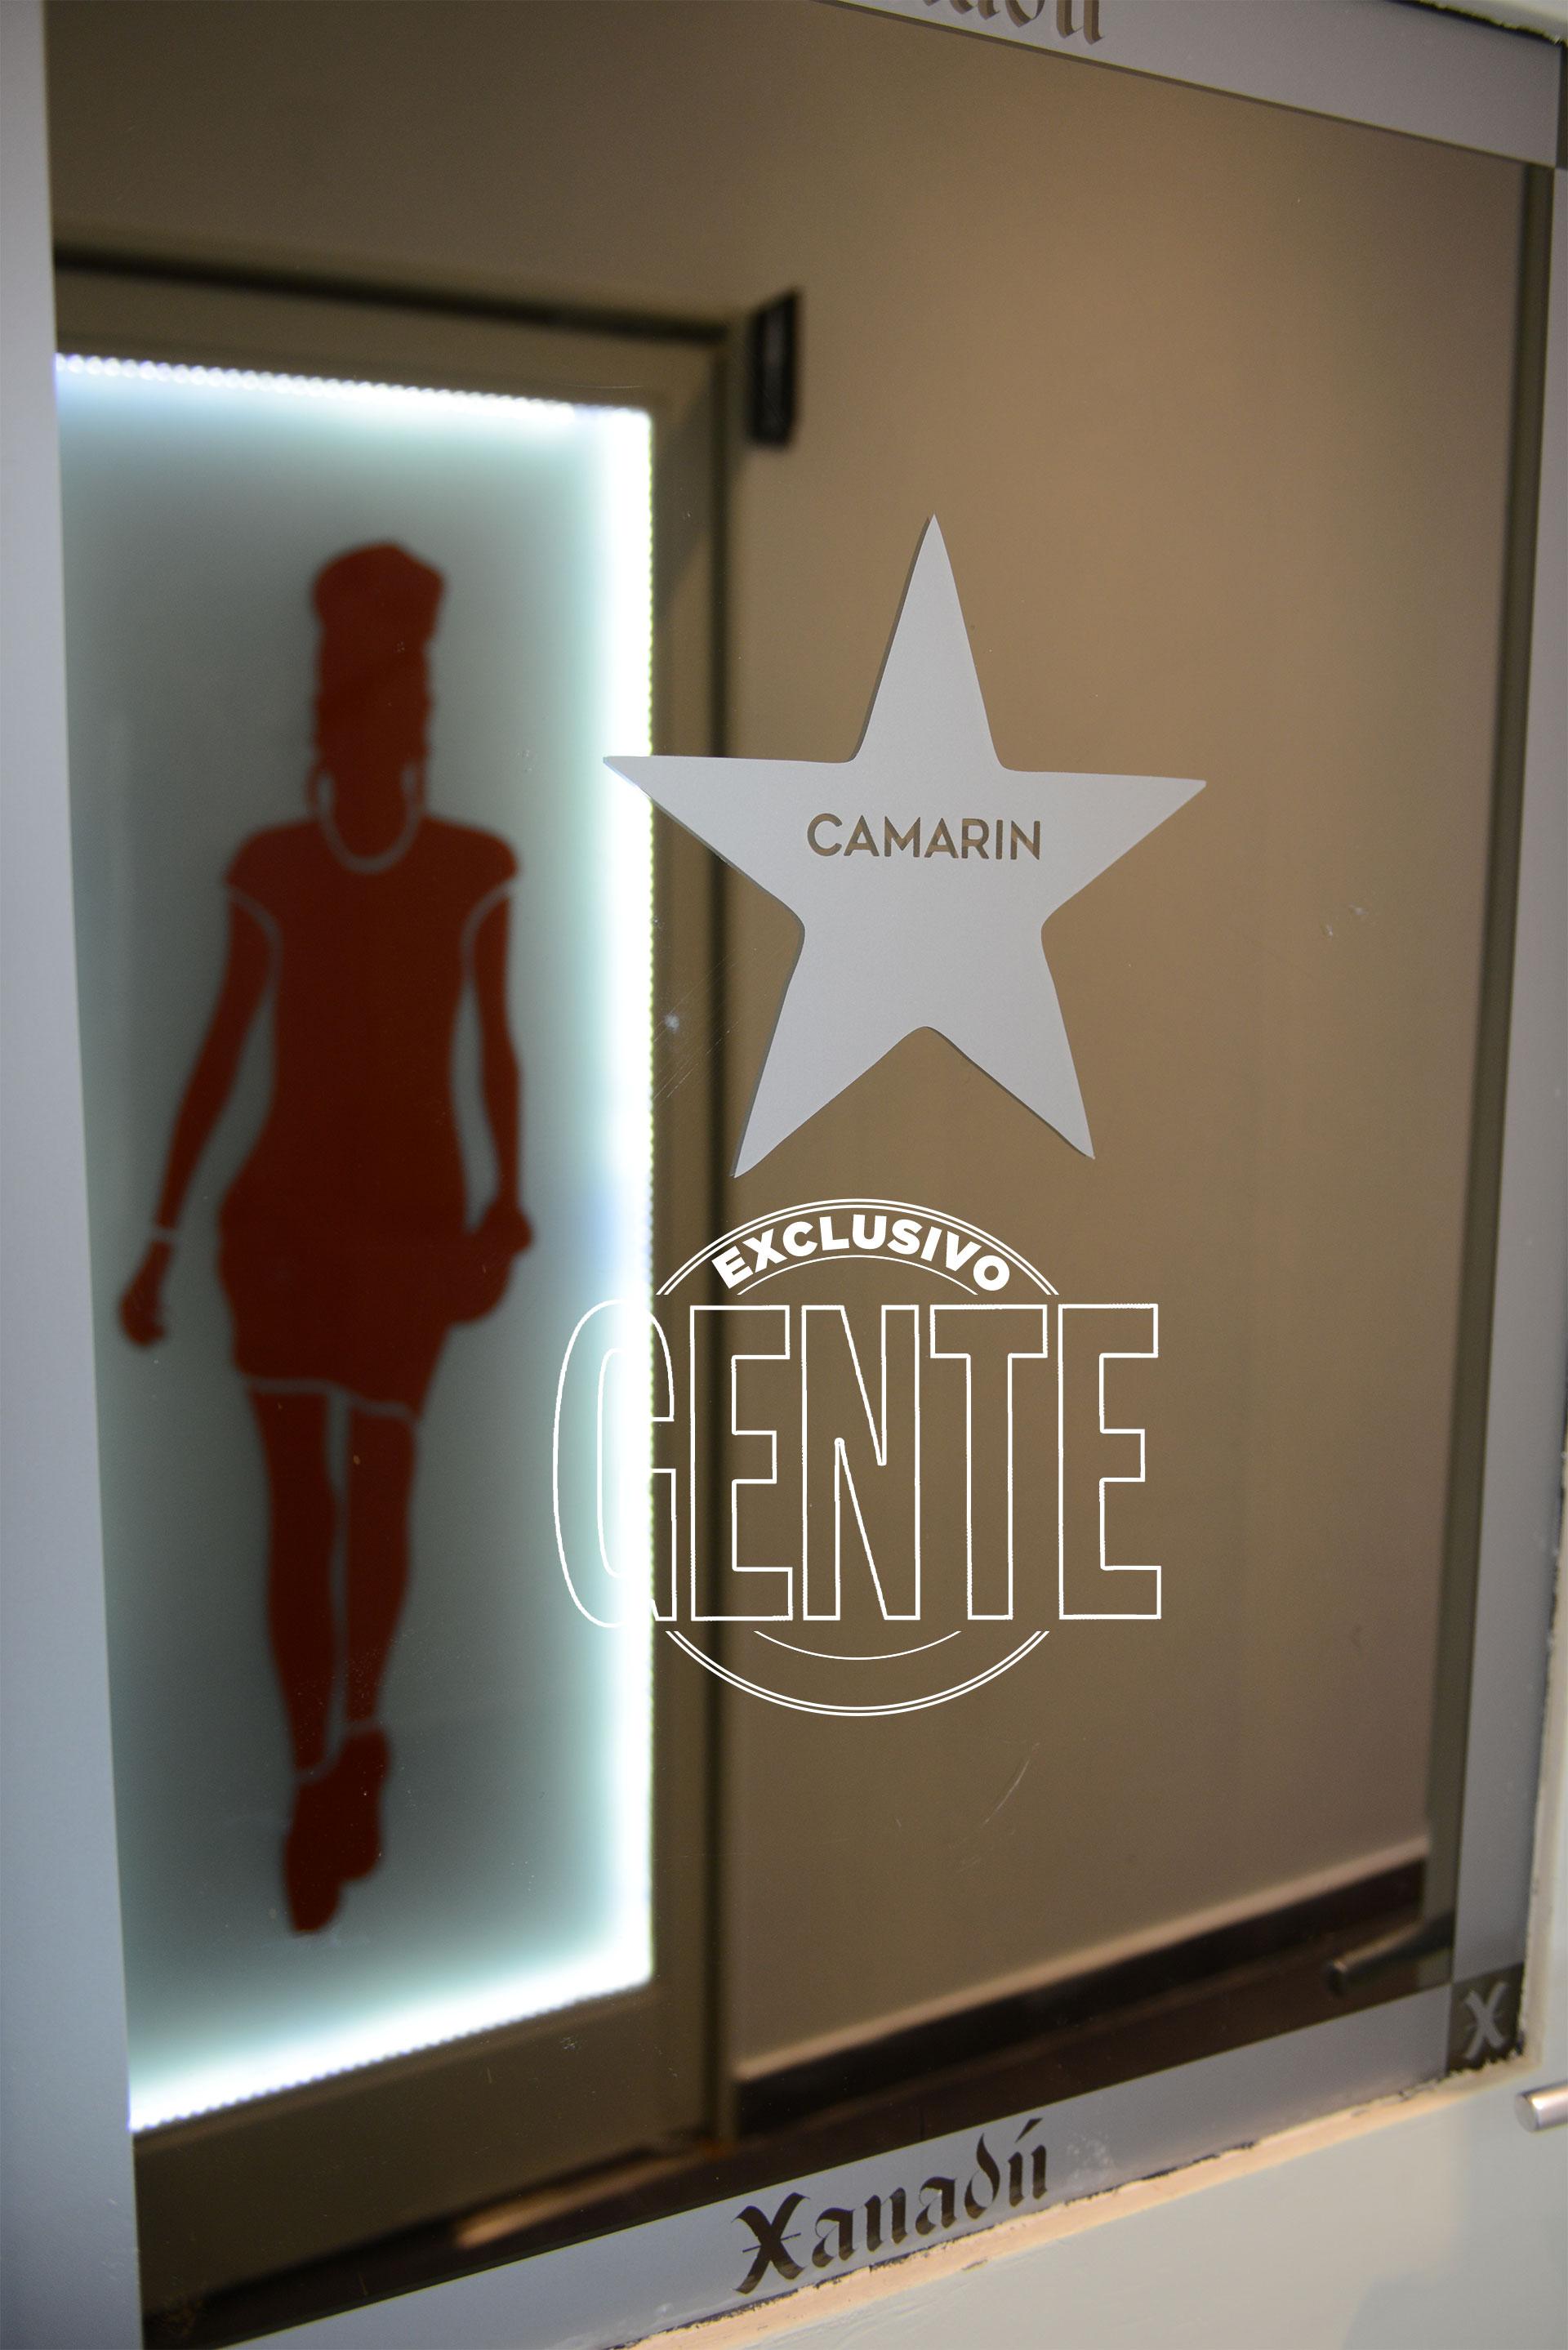 La puerta del camarín de Xanadú. Foto: Julio César Ruiz/GENTE